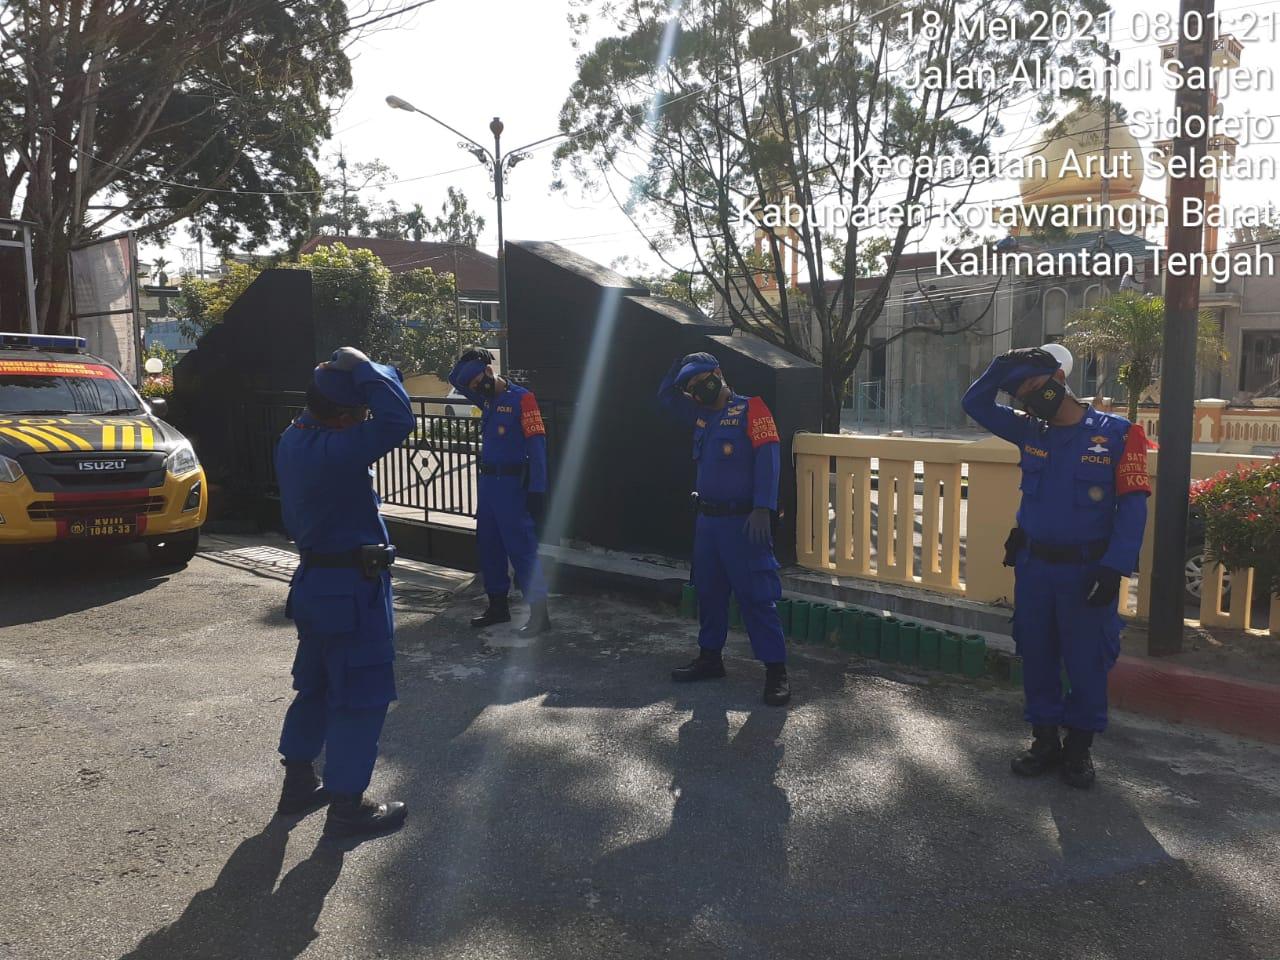 Pandemi Belum Berakhir, Personel Satpolairud Polres Kobar Terus Olahraga Jaga Kebugaran Tubuh